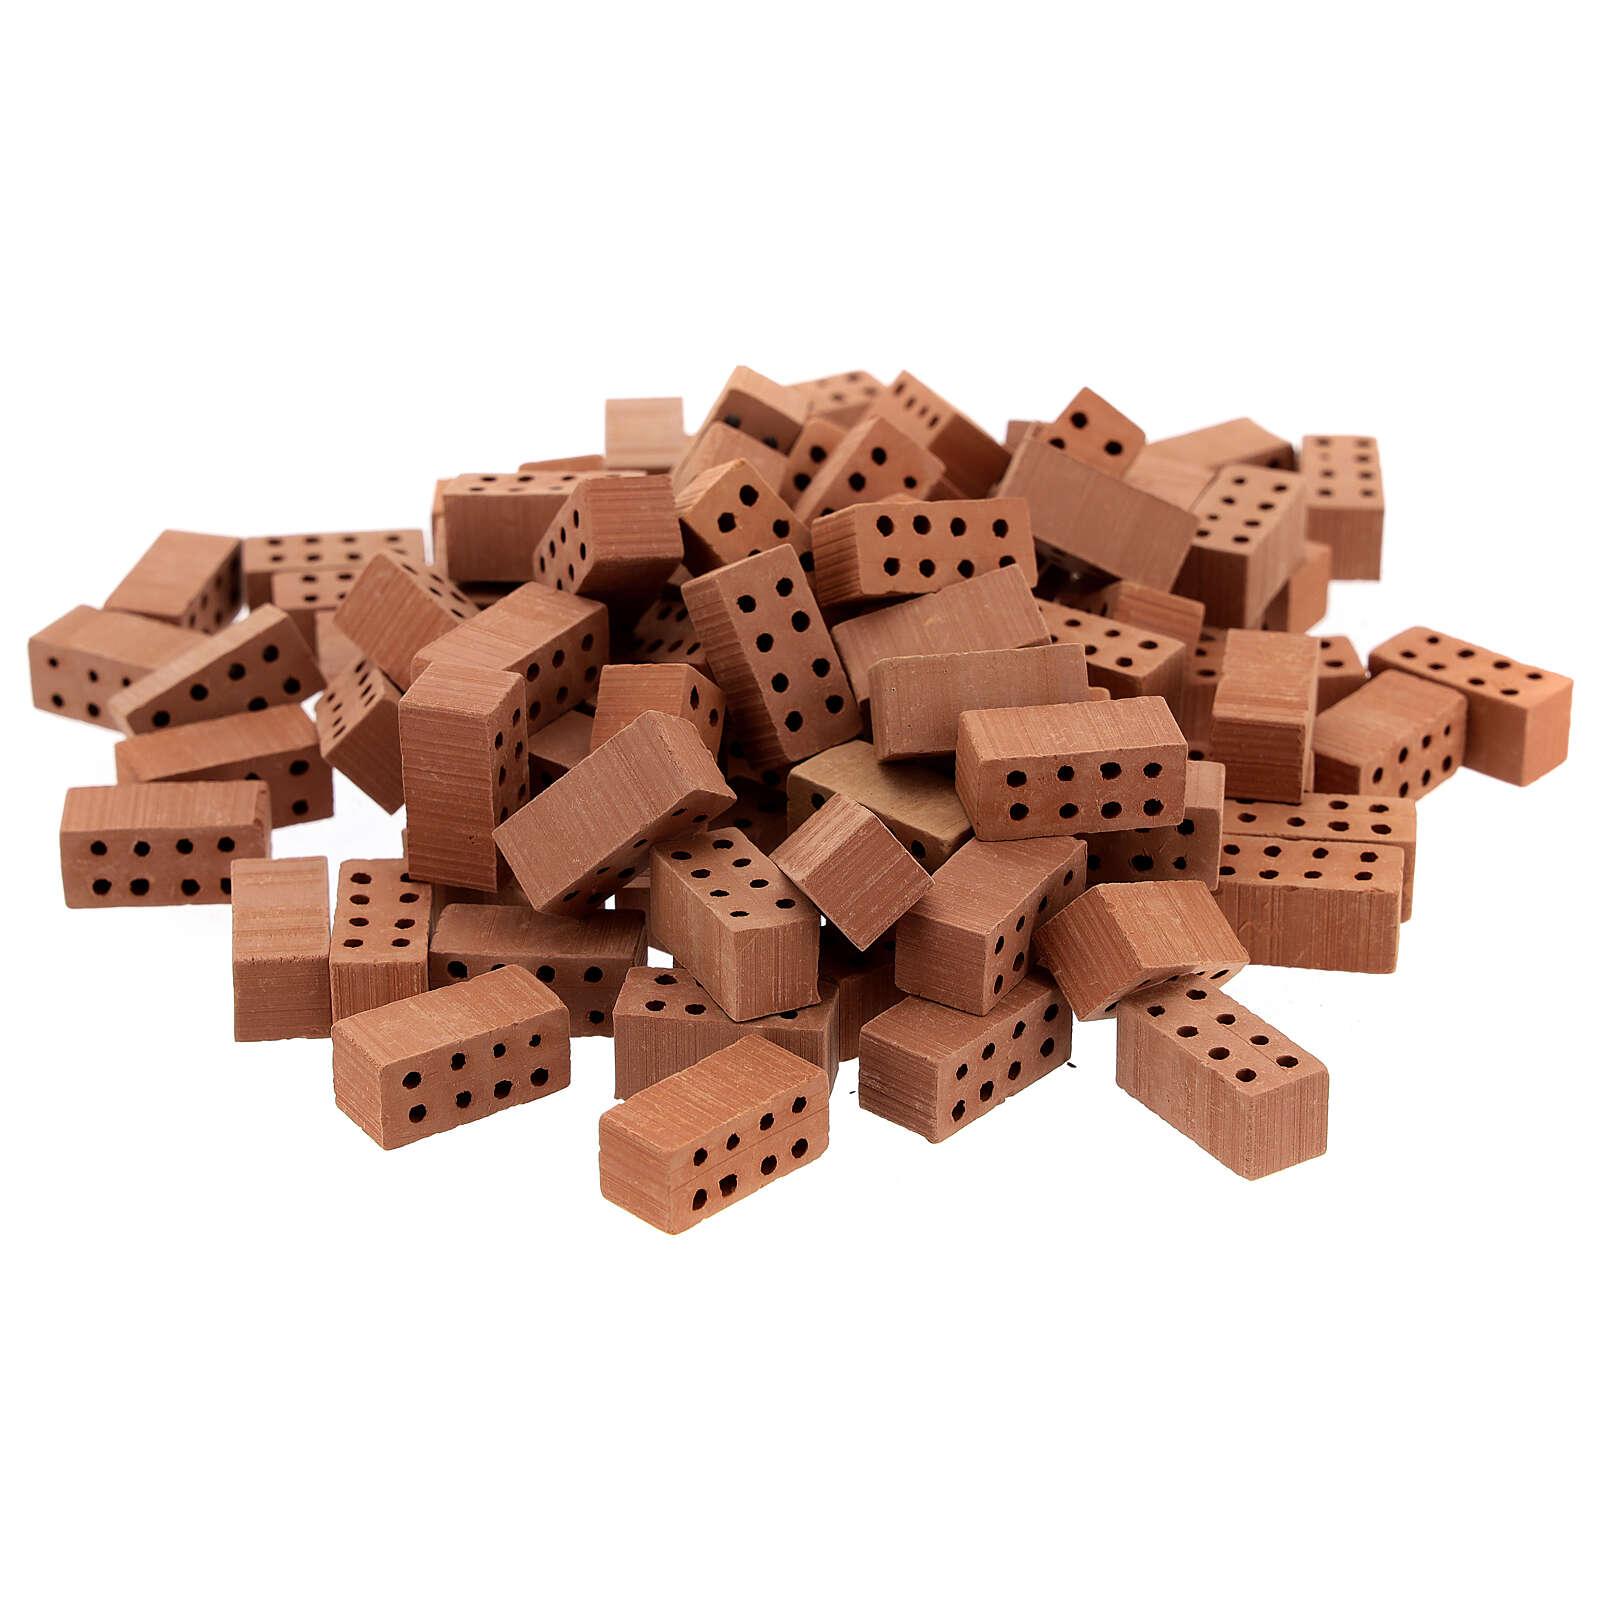 Briques rectangulaires terre cuite 1x2x1 cm 100 pcs 4